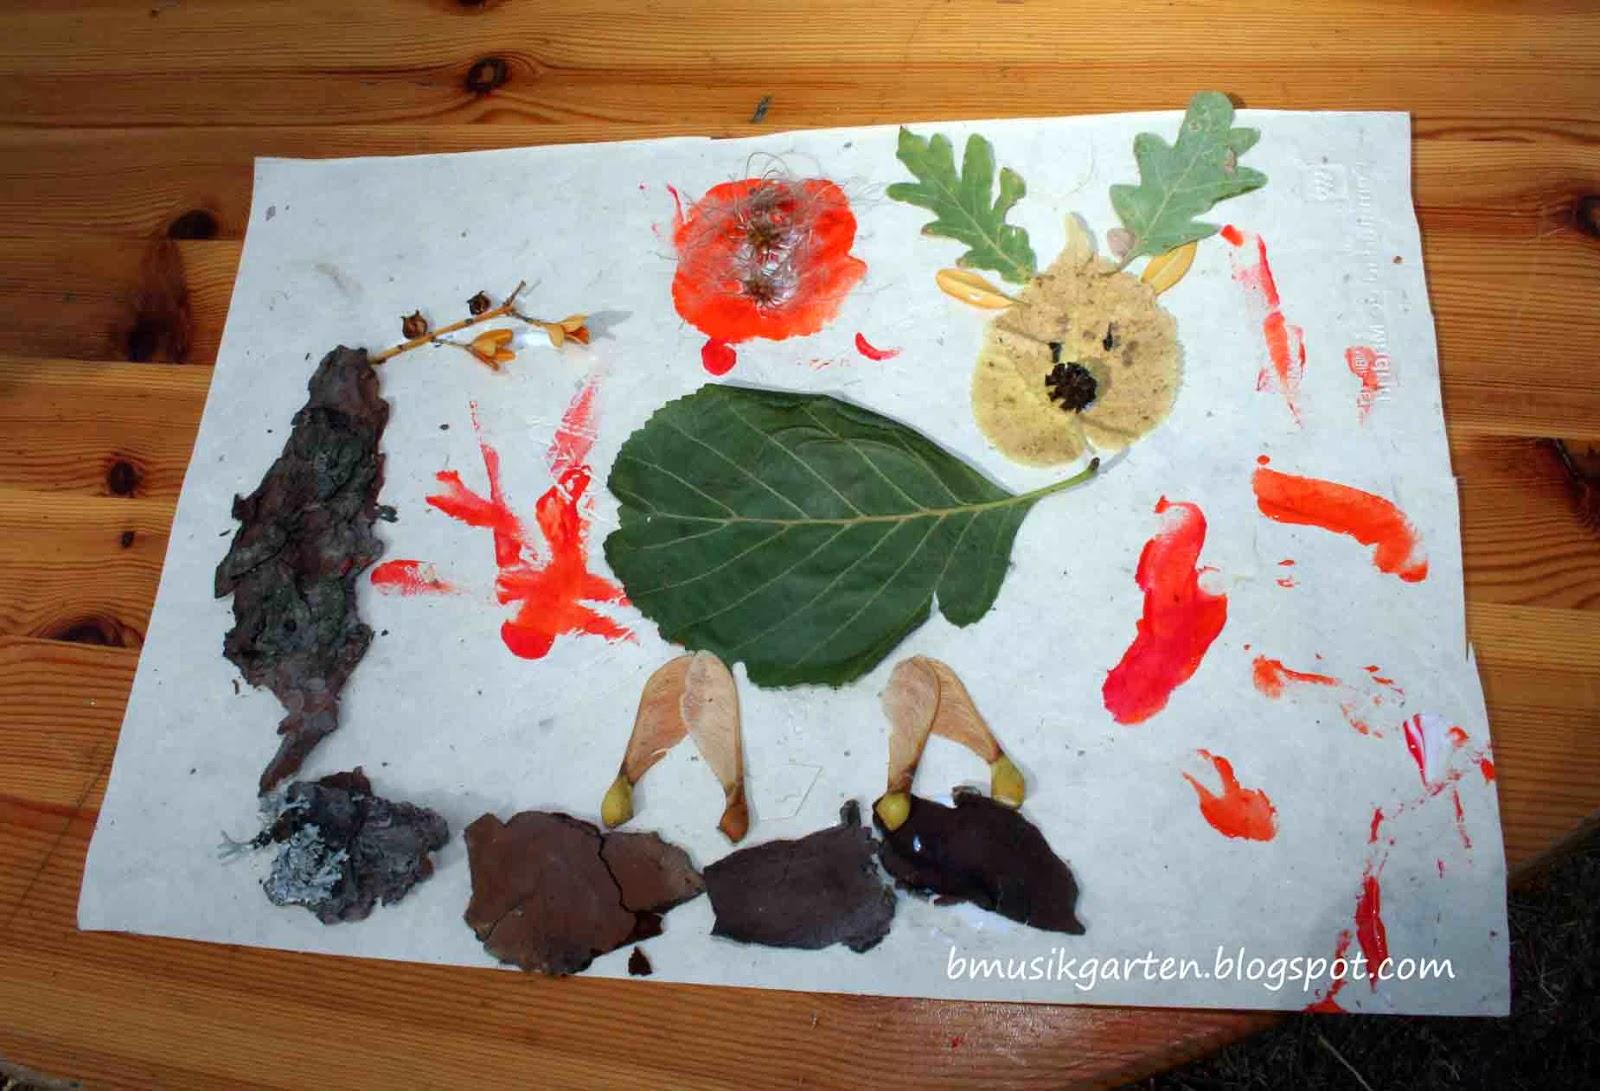 Las 10 mejores actividades con hojas de árboles para niños | Beatriz ...